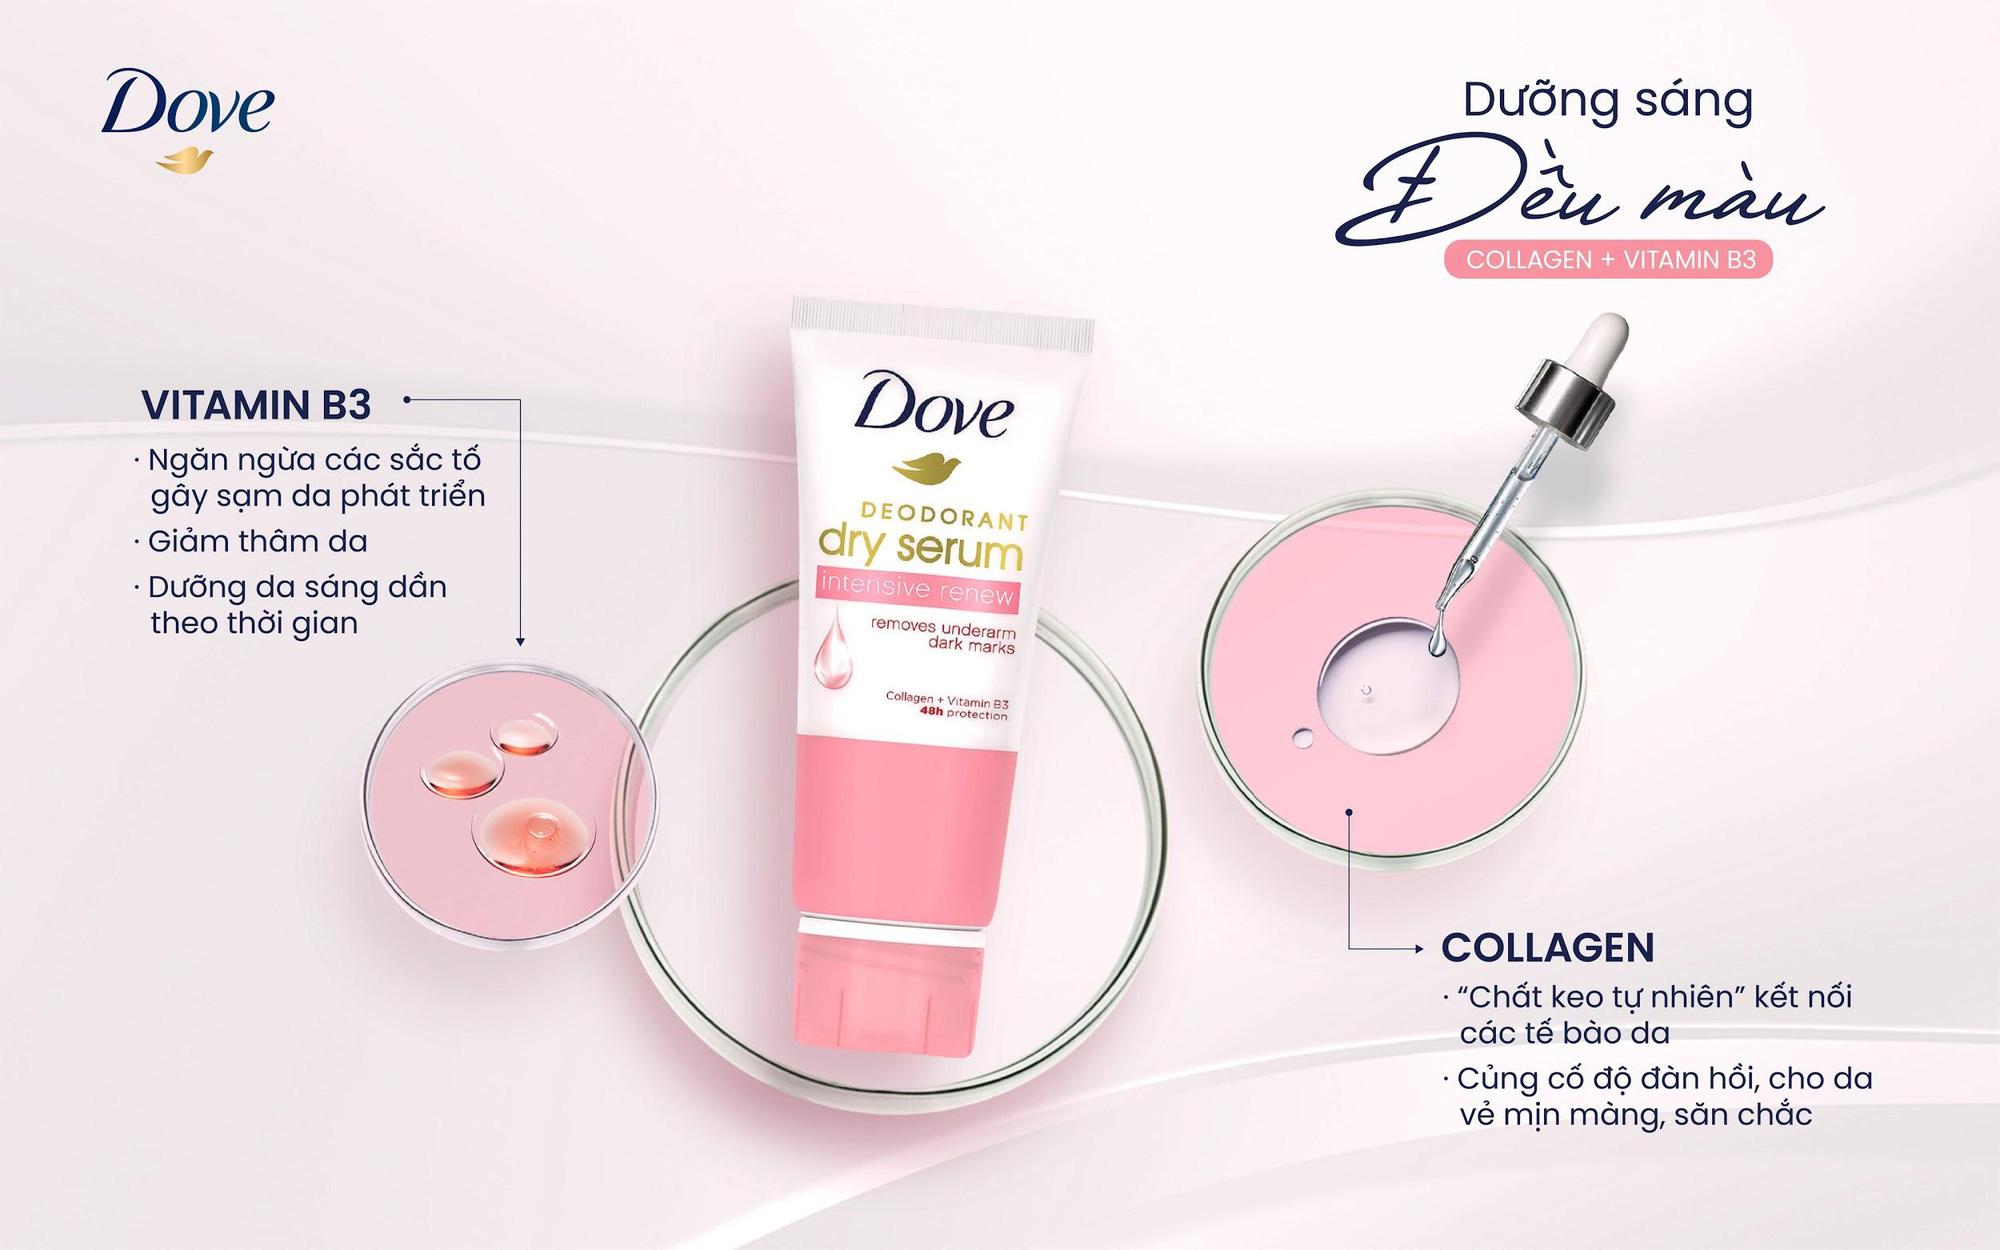 Chân ái mùa nóng: Kem khử mùi kết cấu serum đặc hiệu cho vùng da dưới cánh tay - Ảnh 2.